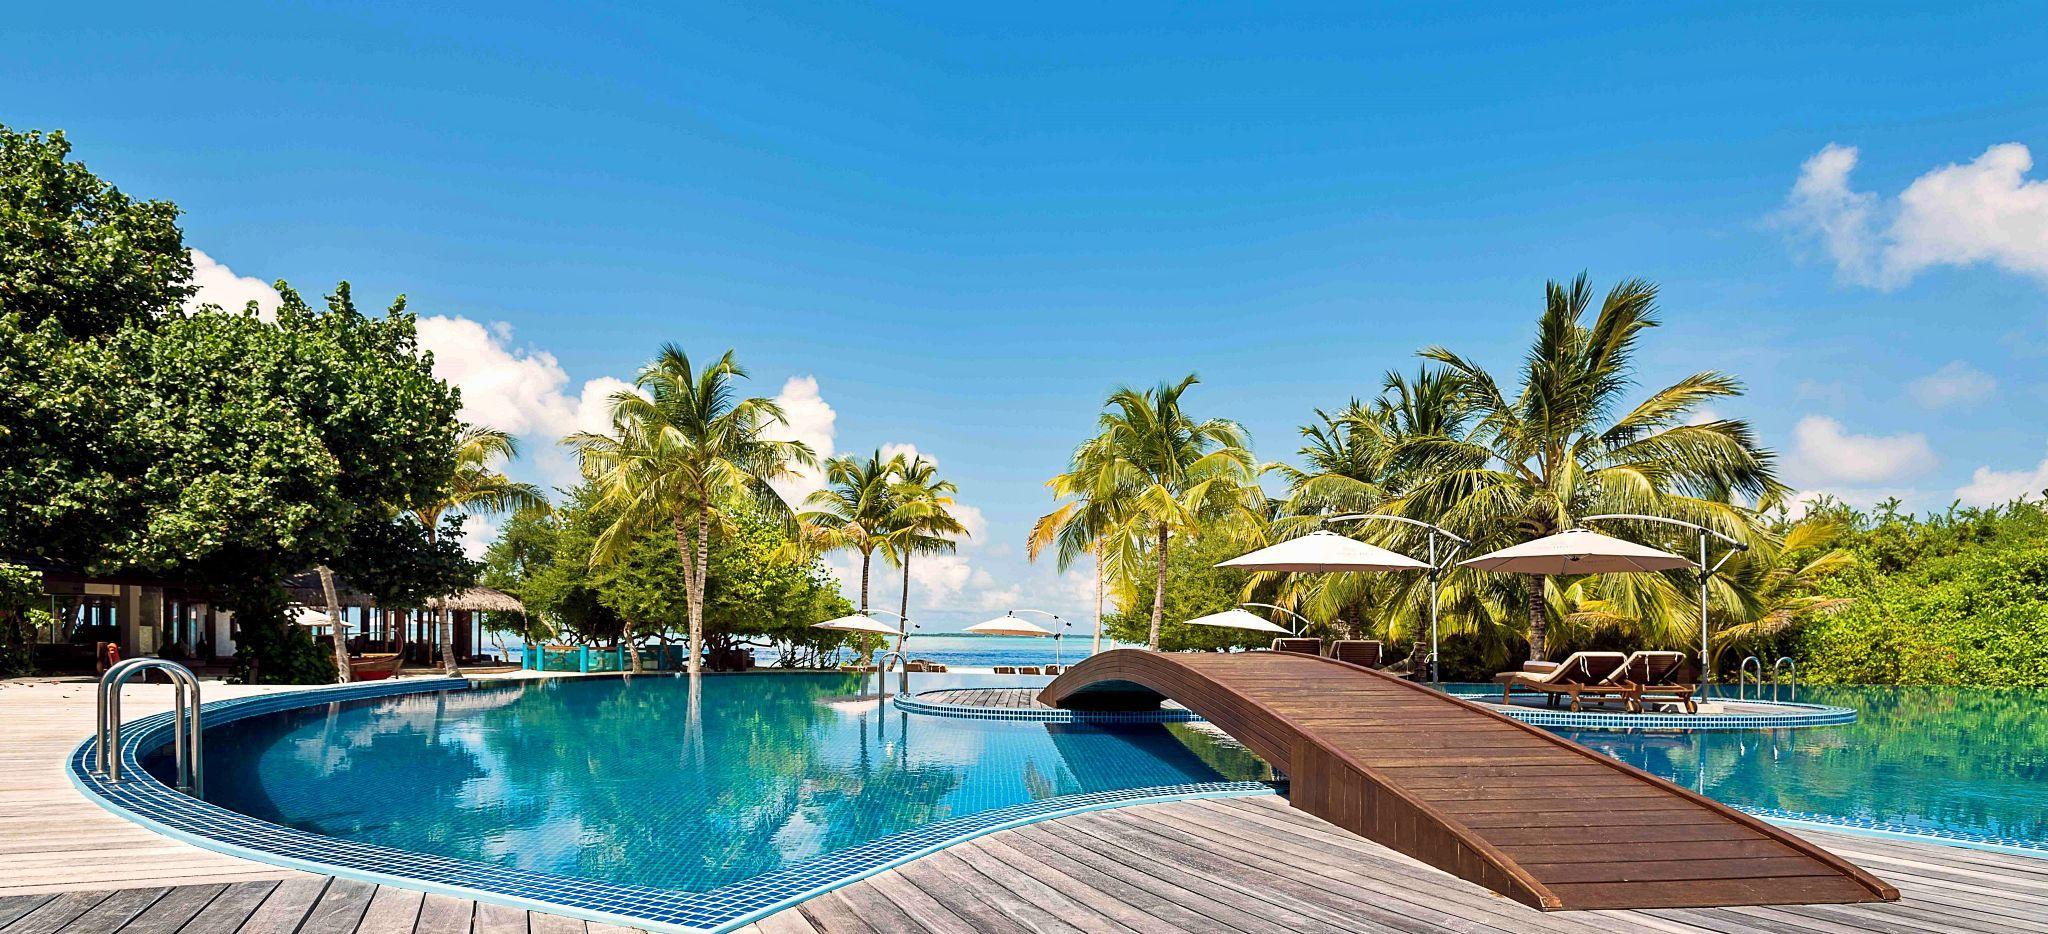 Ein Pool mit einer Holzbrücke, von Palmen umsäumt